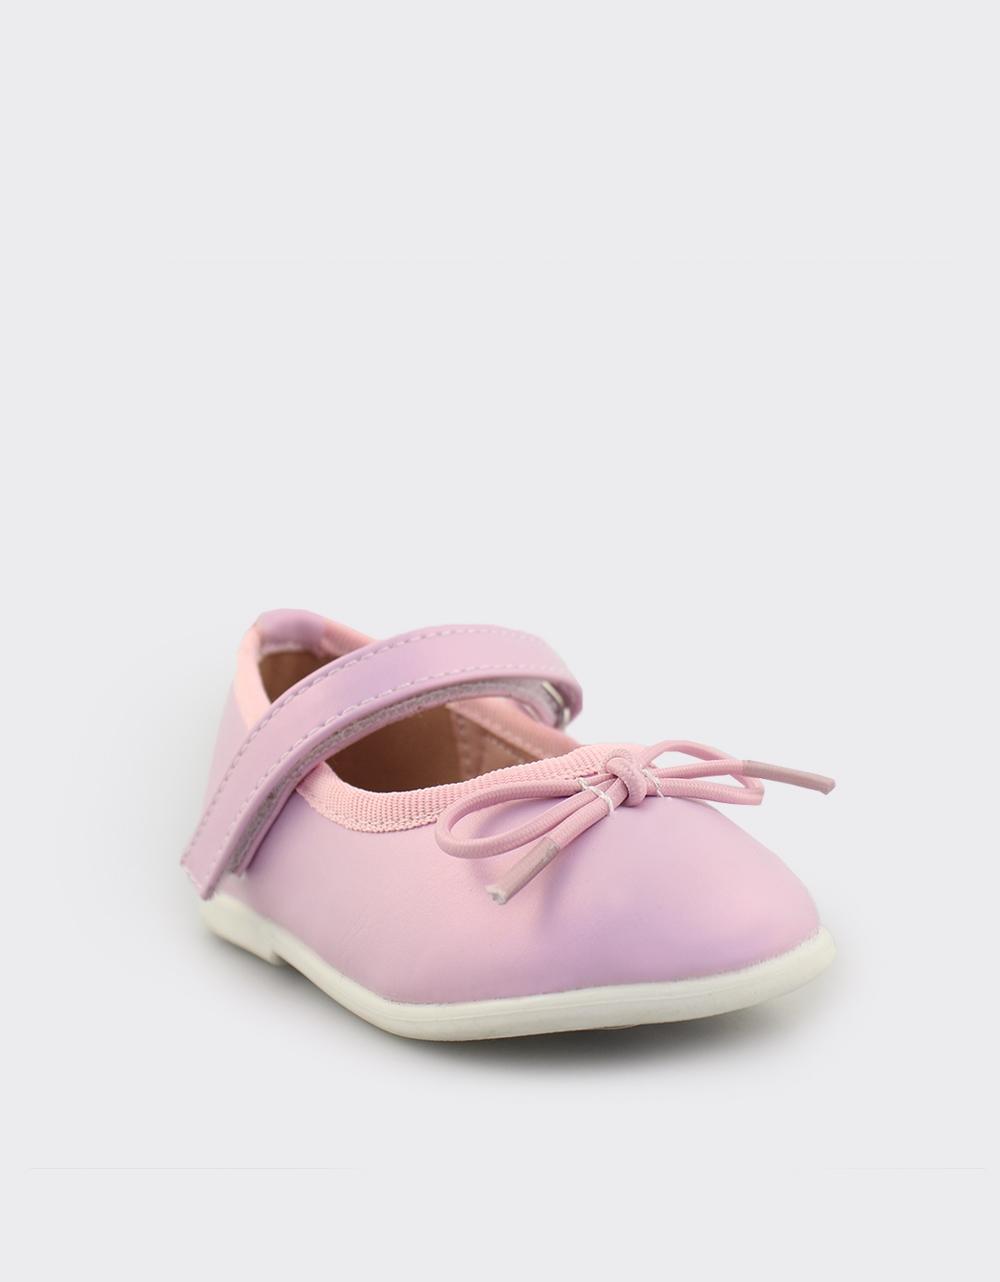 Εικόνα από Παιδικές μπαλαρίνες με φιογκάκι Ροζ